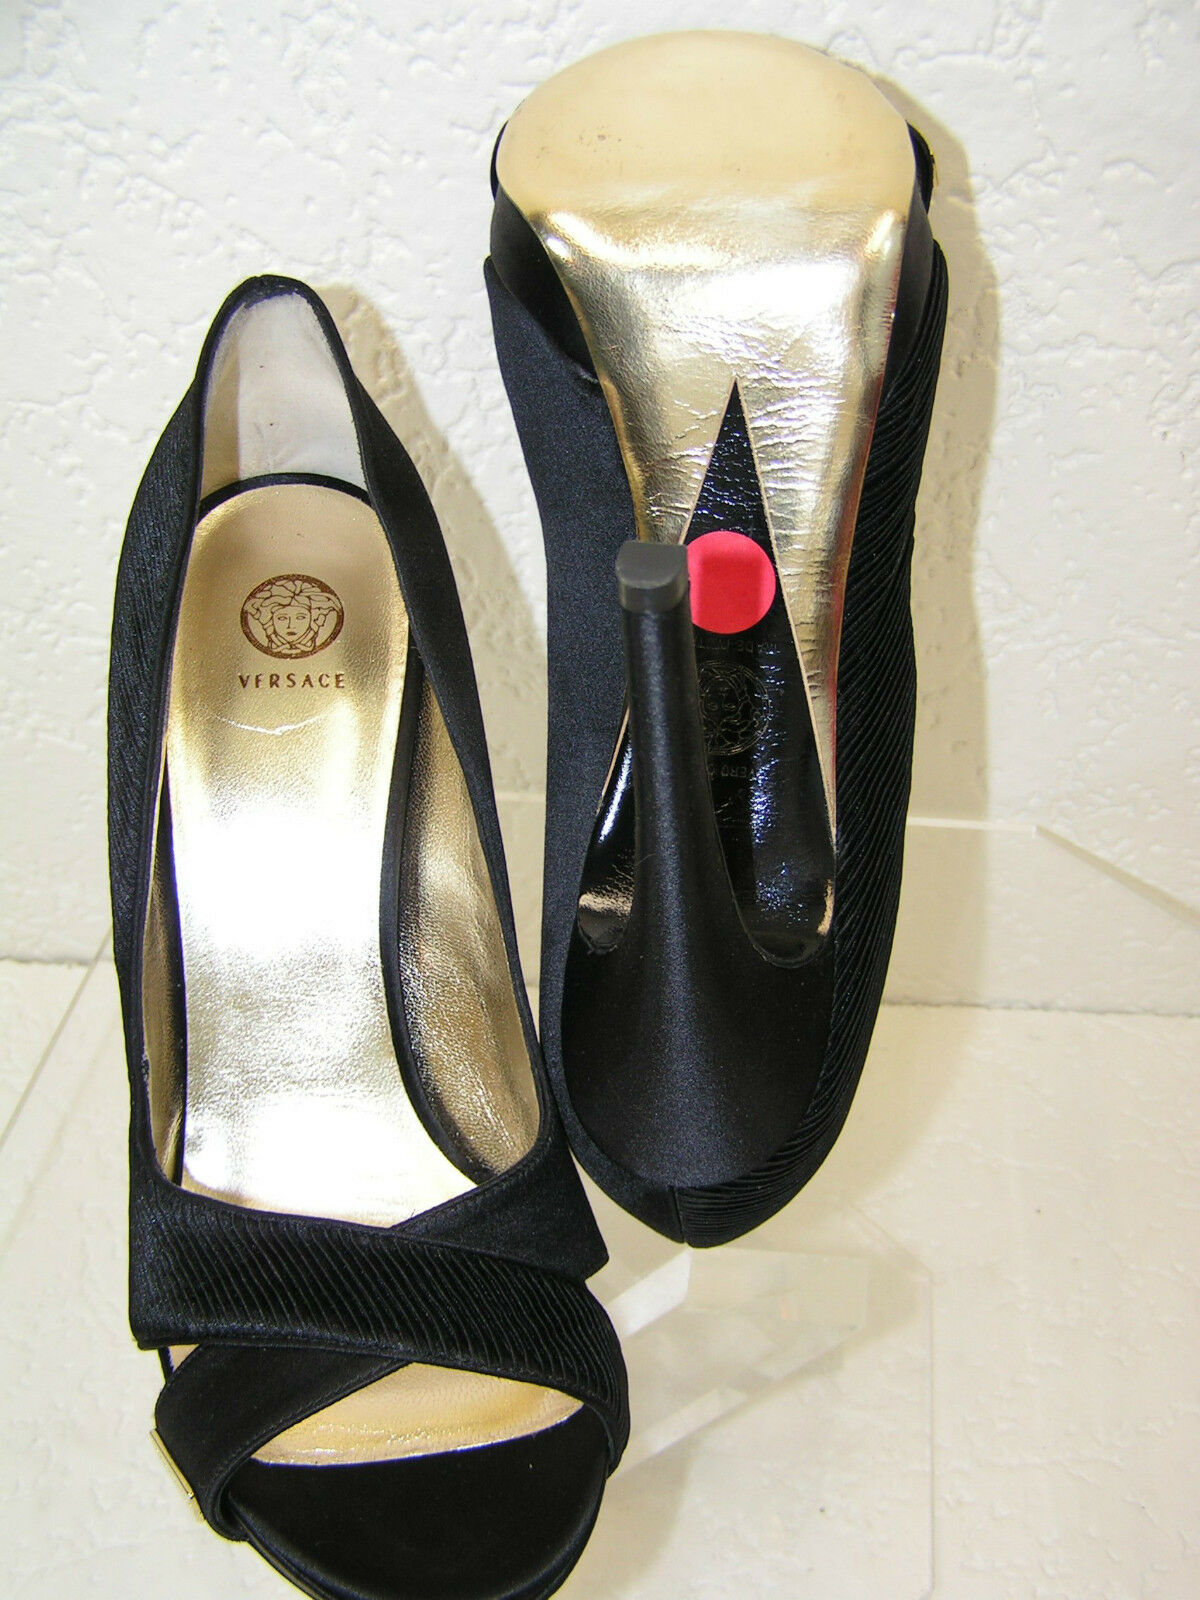 Nuevo en Caja Versace negro terciopelo Plisse noche vestido vestido vestido de salón con Plataforma 39.5 9.5 81e249